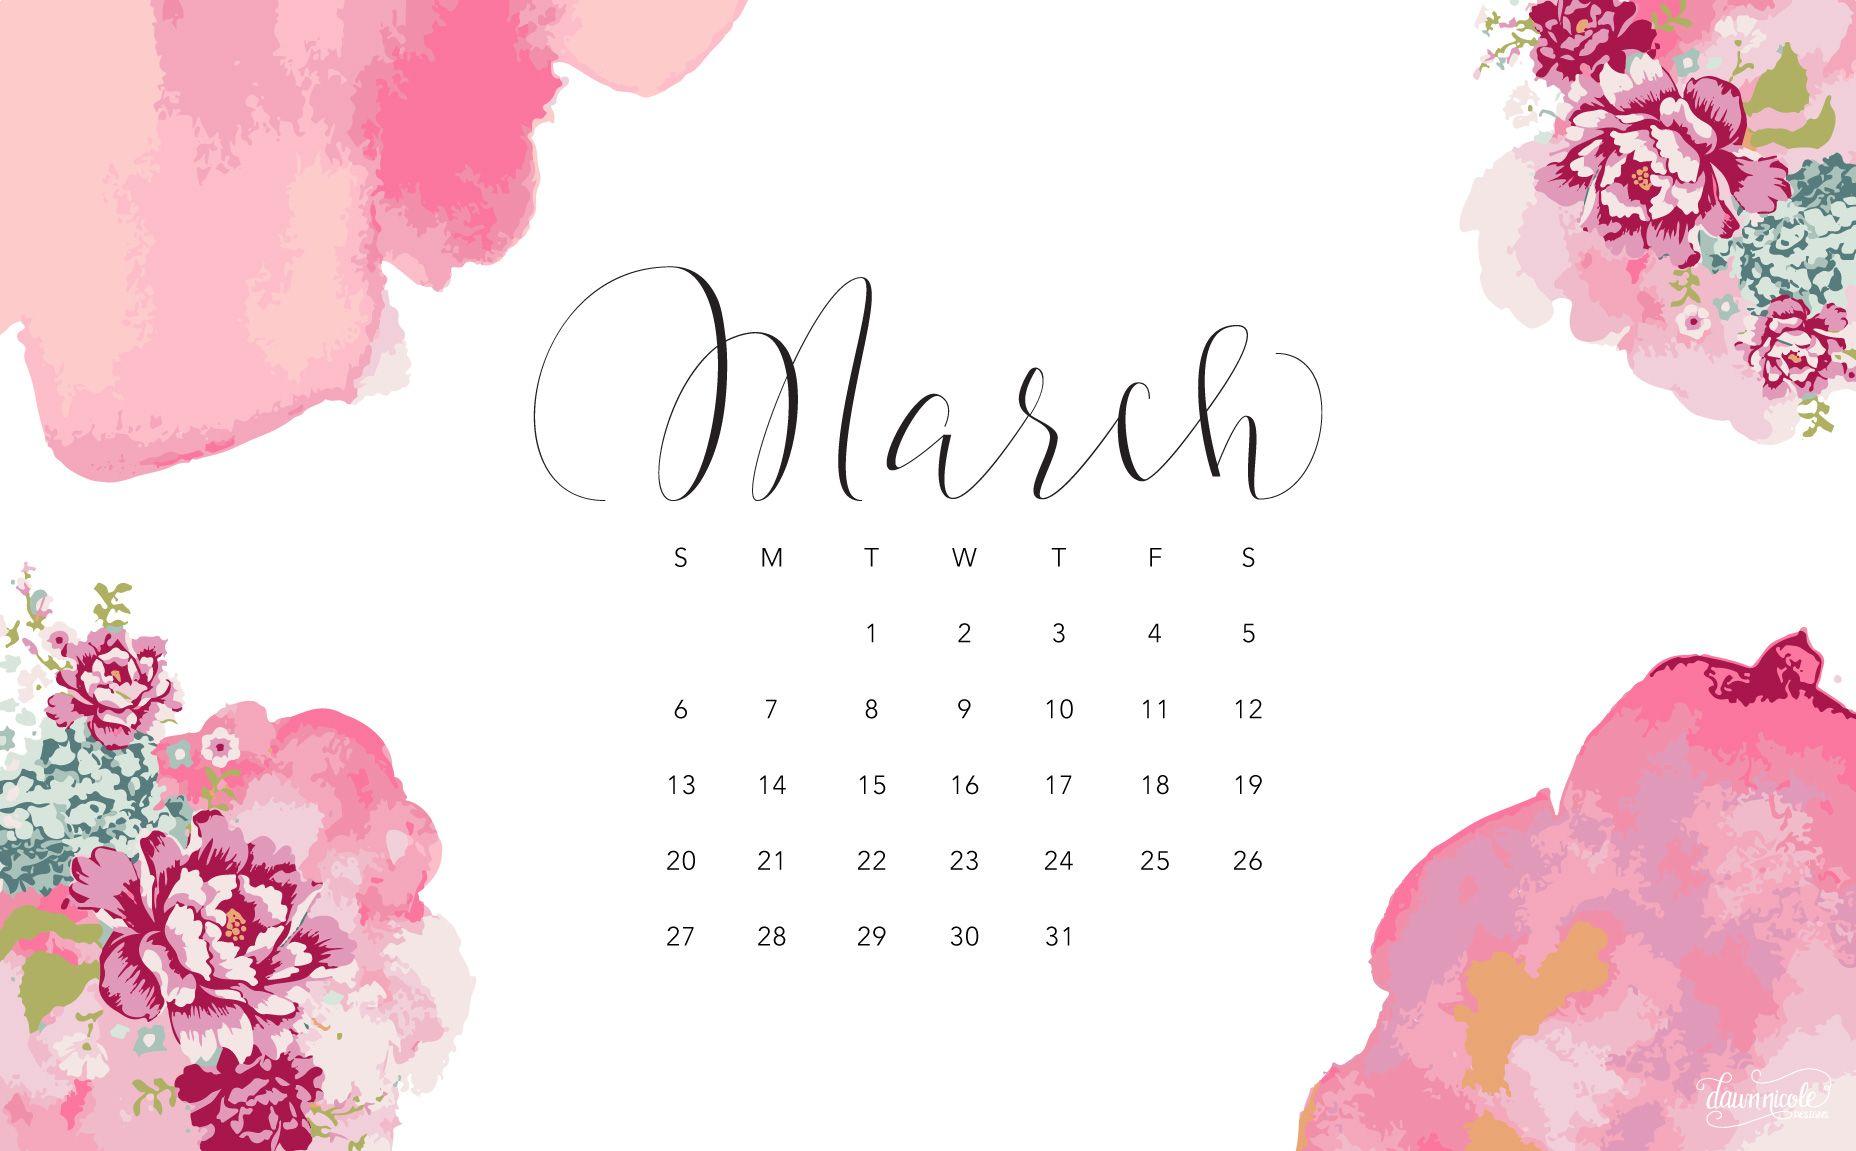 March Calendar Wallpaper Hd : March calendar desktop download g